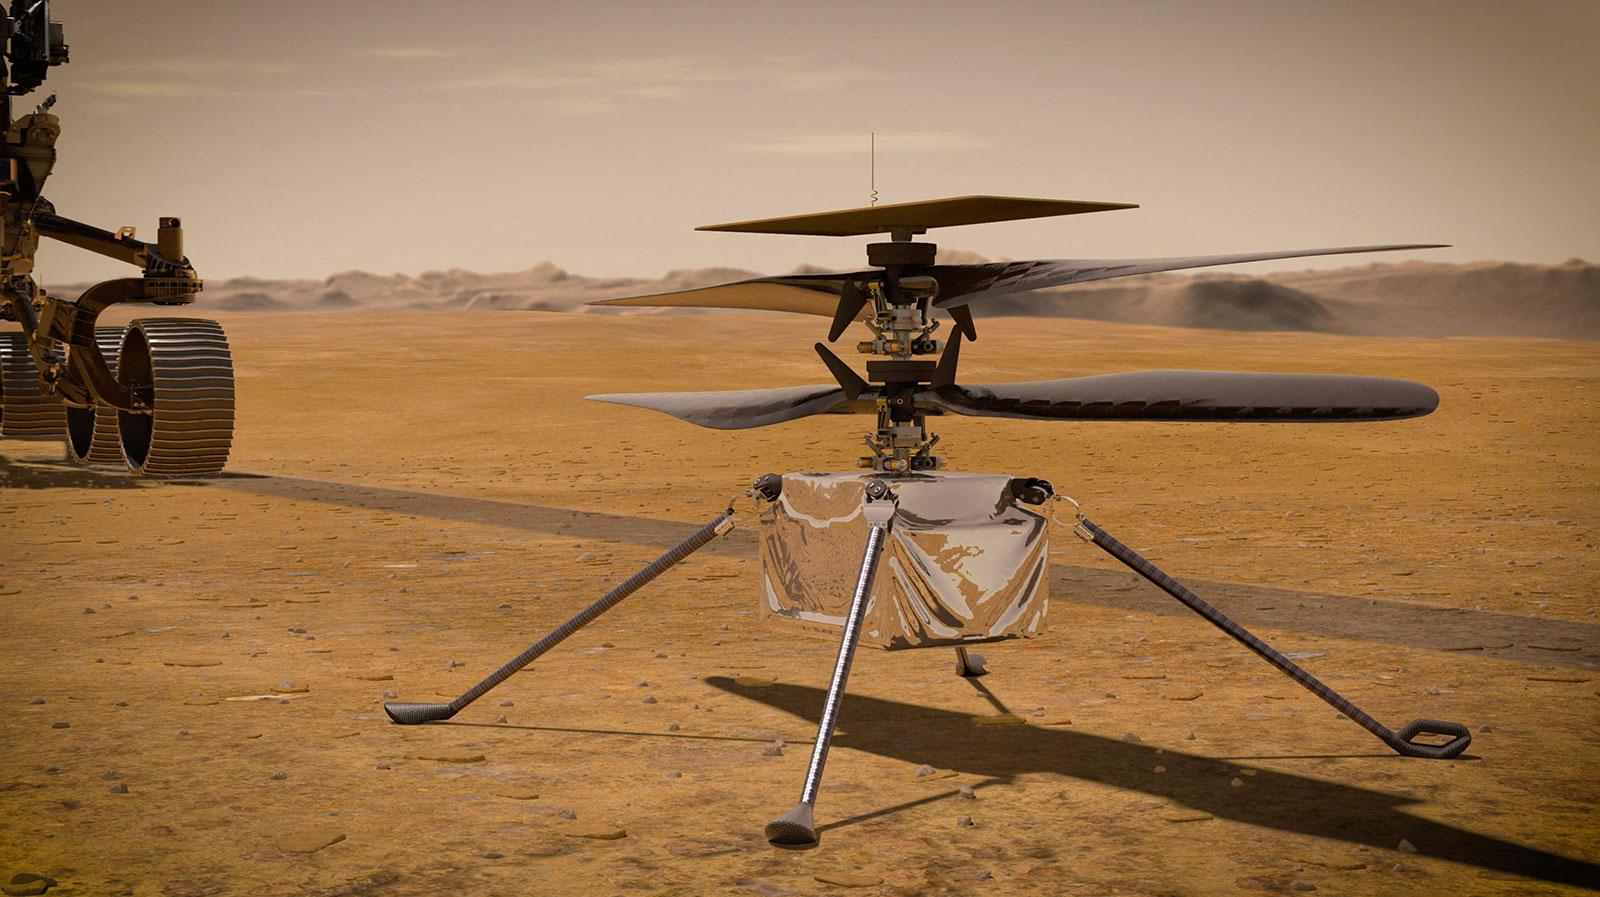 Handout / NASA/JPL-CALTECH / AFP